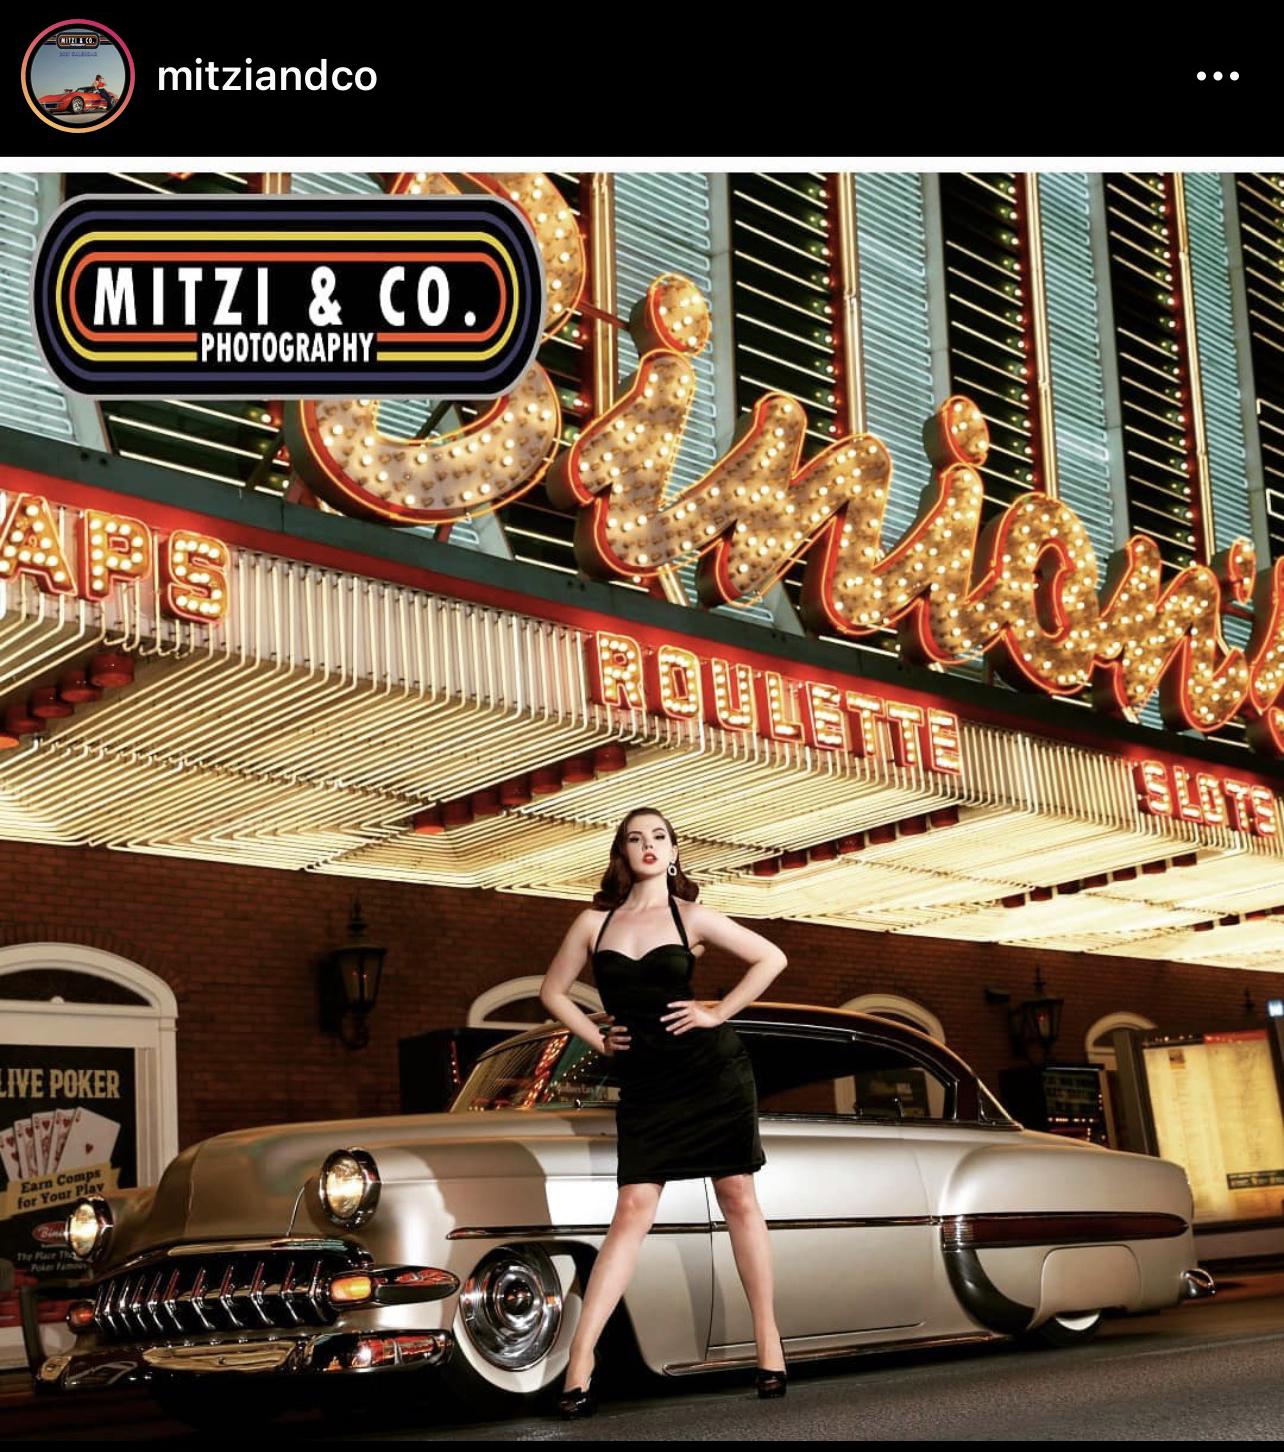 Mitzi & Co Pinup